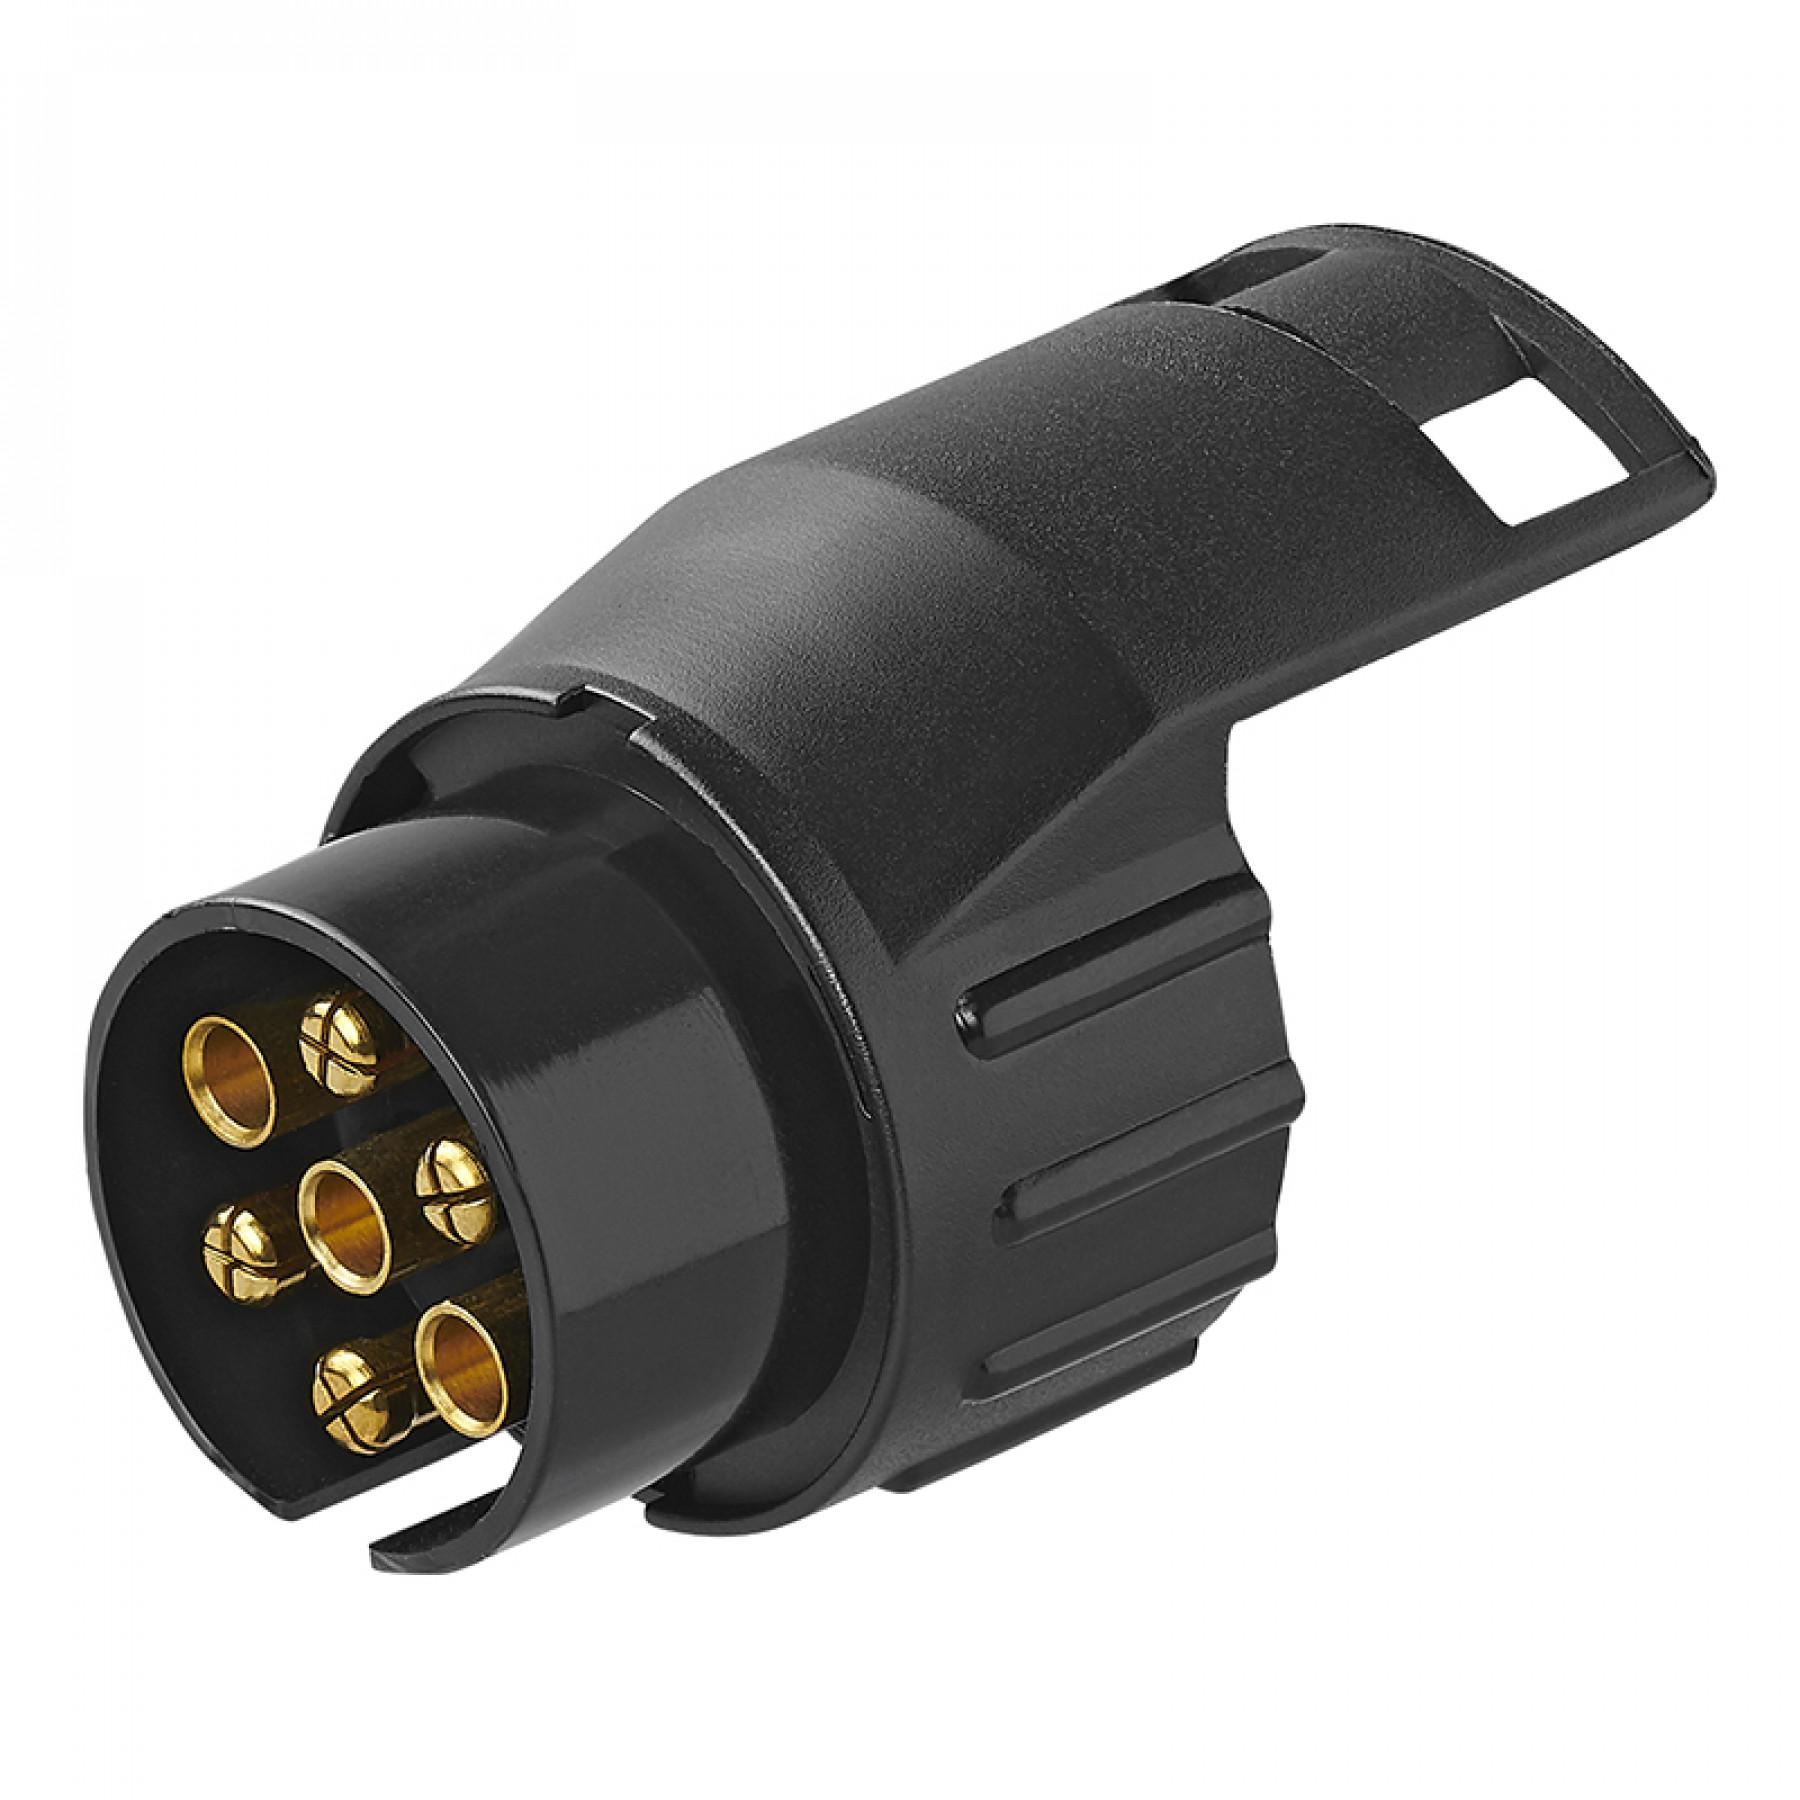 Verloopstekker/adapter 7 polig > 13 polig blister